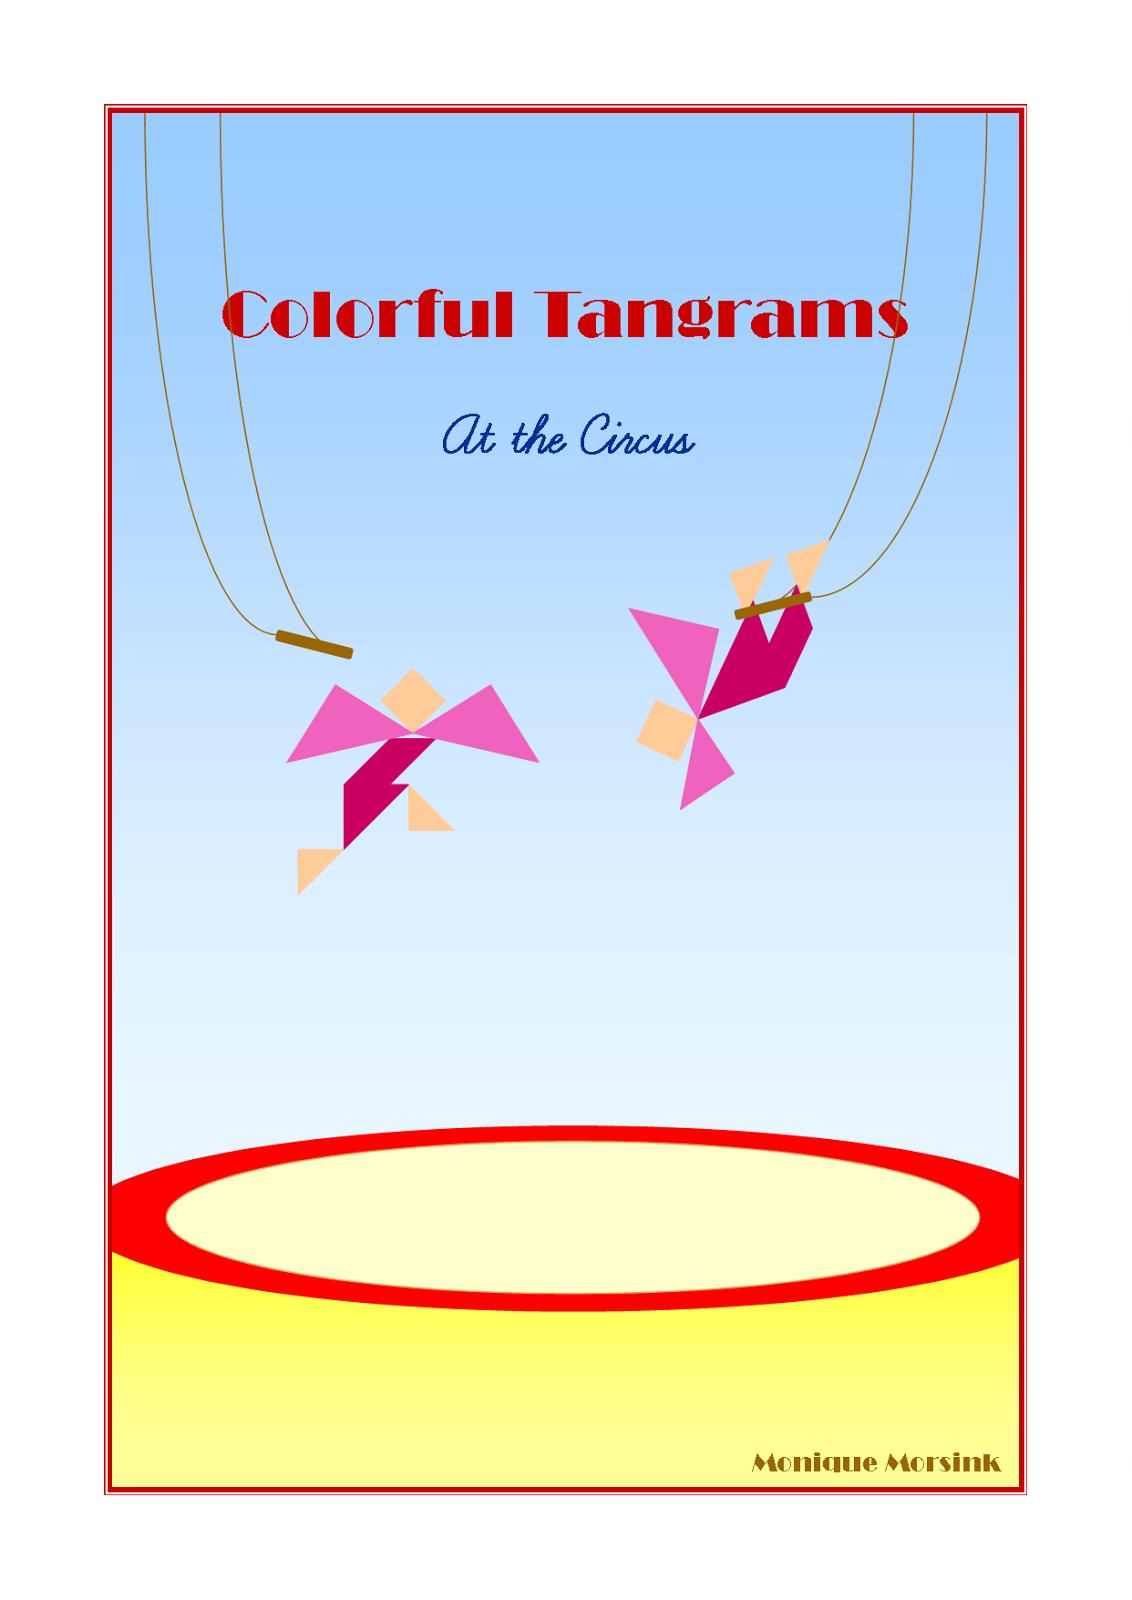 Colorful Tangrams At The Circus 2